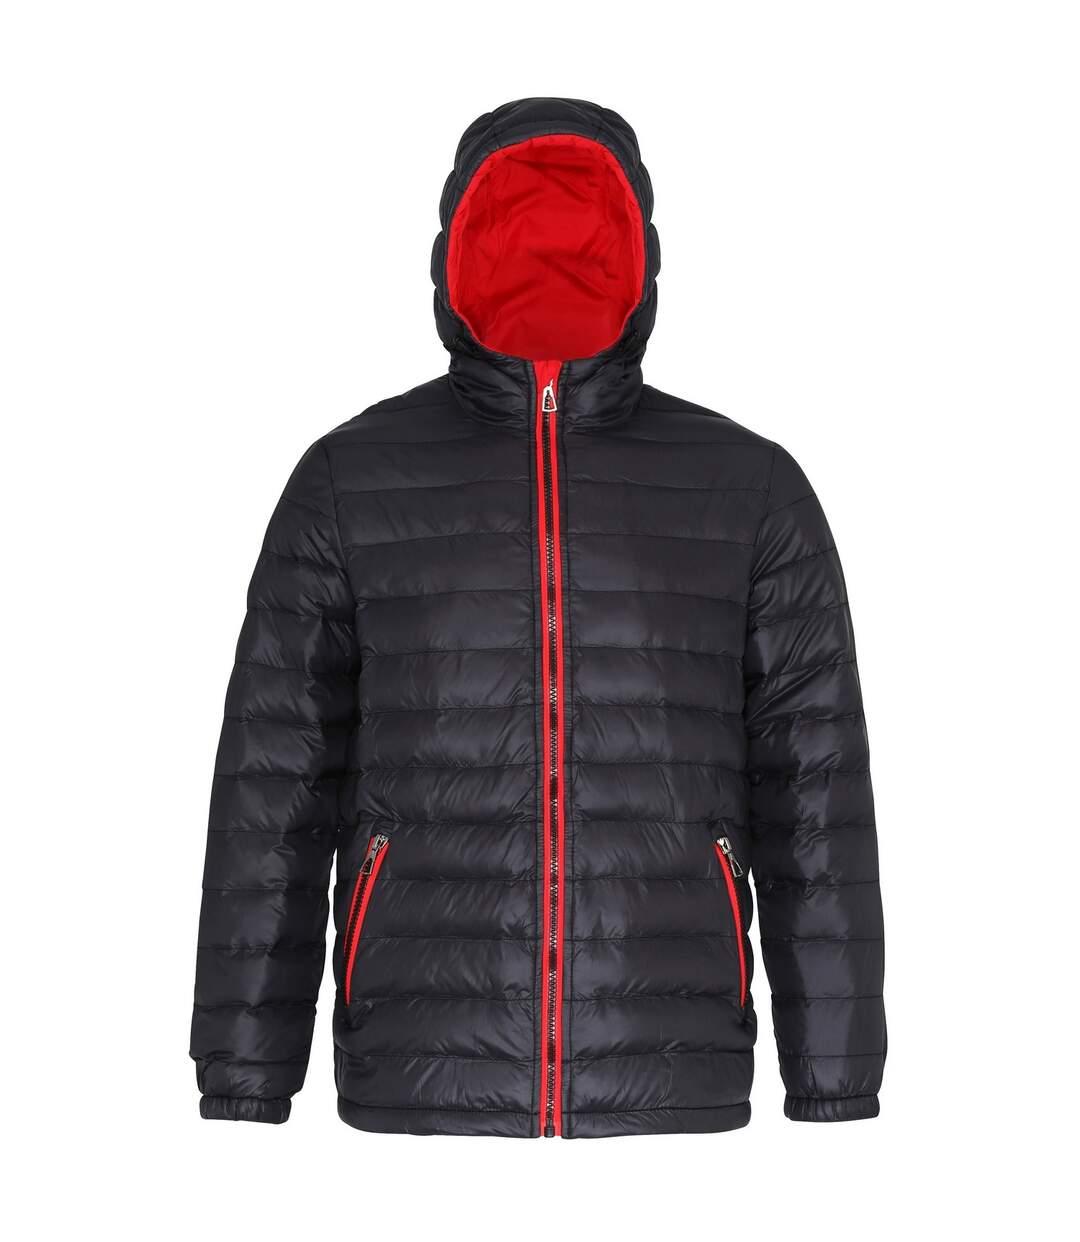 2786 Mens Hooded Water & Wind Resistant Padded Jacket (Black/Red) - UTRW3424